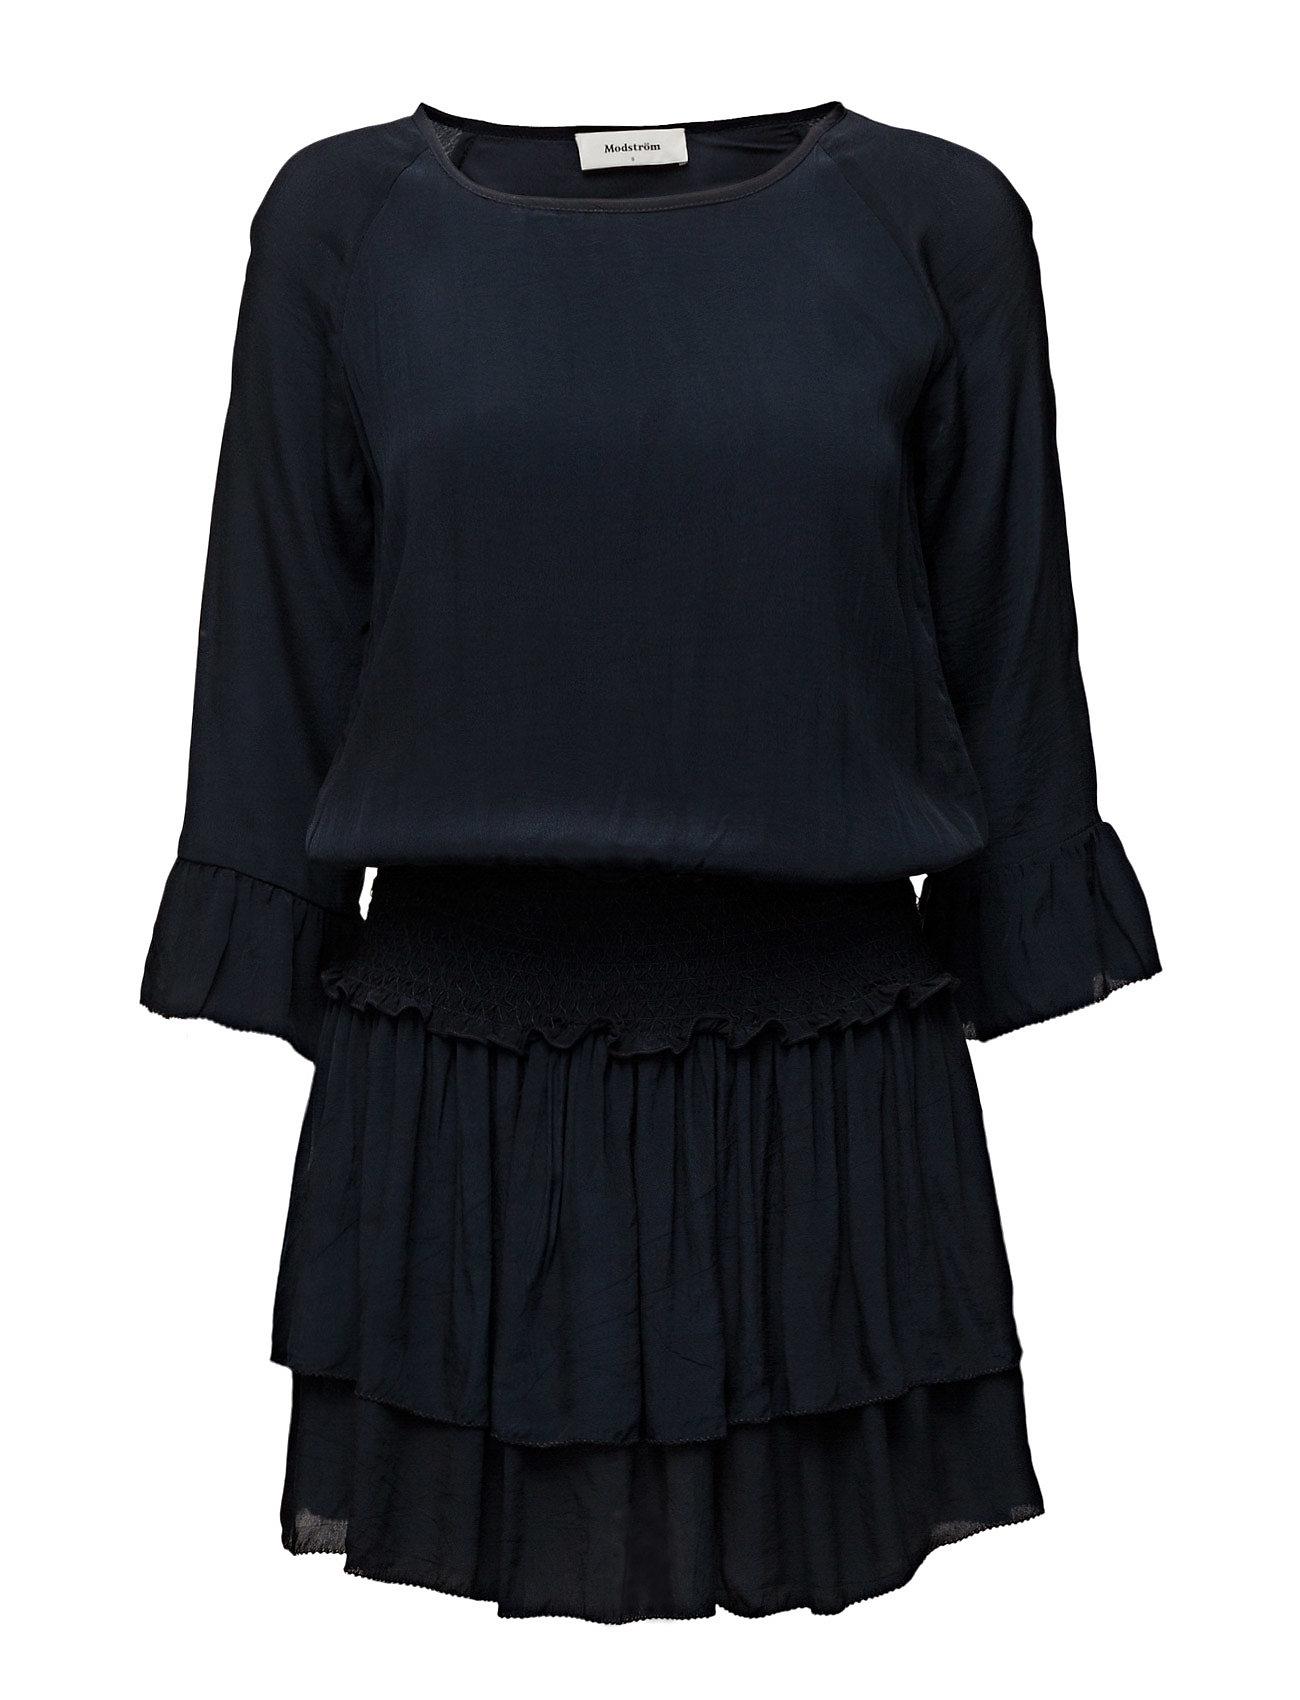 Silvia Dress Modström Korte kjoler til Damer i Navy Sky